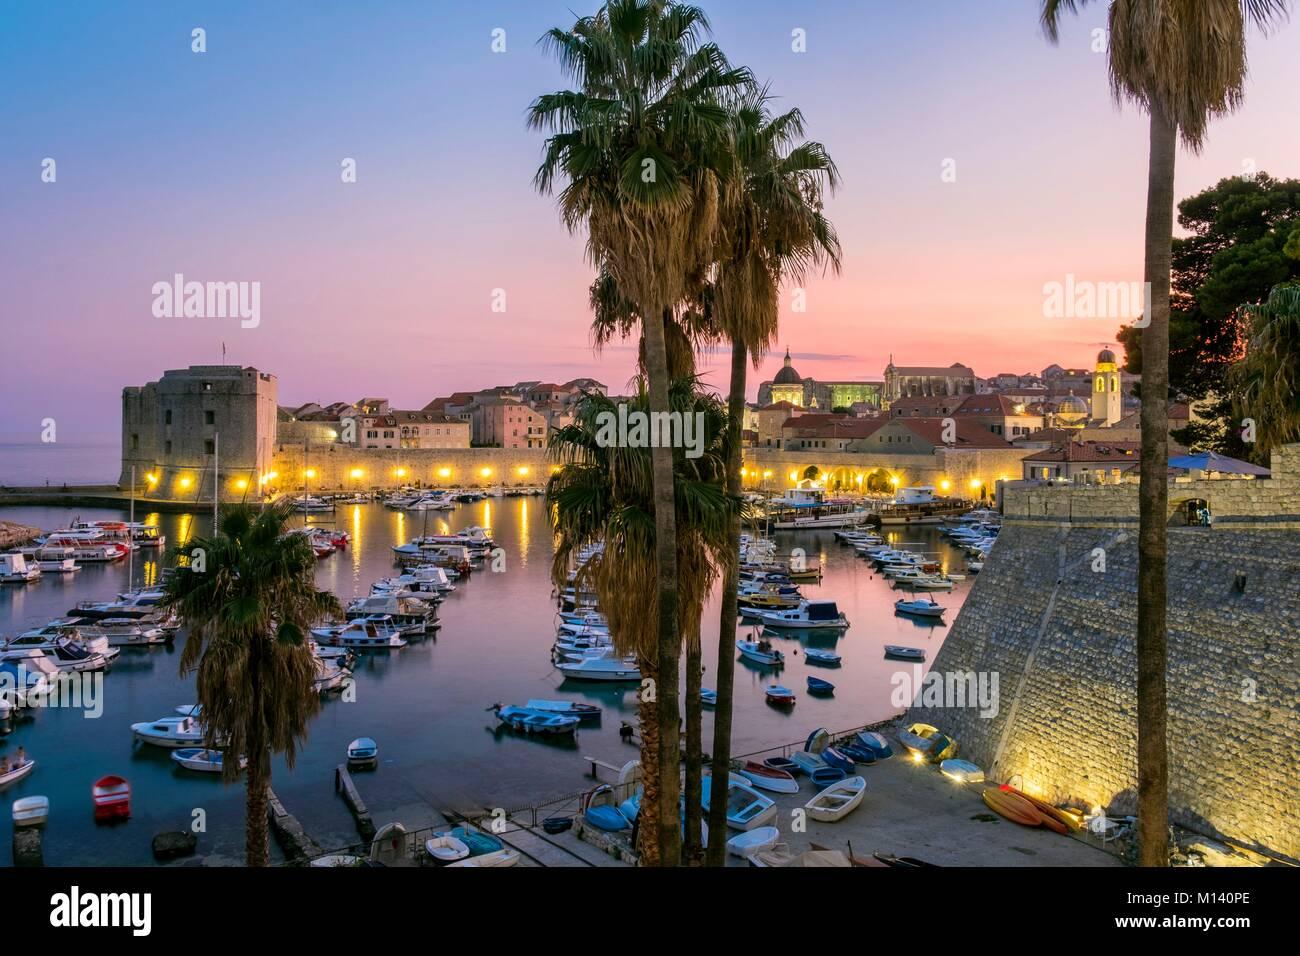 Kroatien, Kvarner, Dalmatinische Küste, Dubrovnik, Altstadt UNESCO Weltkulturerbe, den Alten Hafen Stockbild